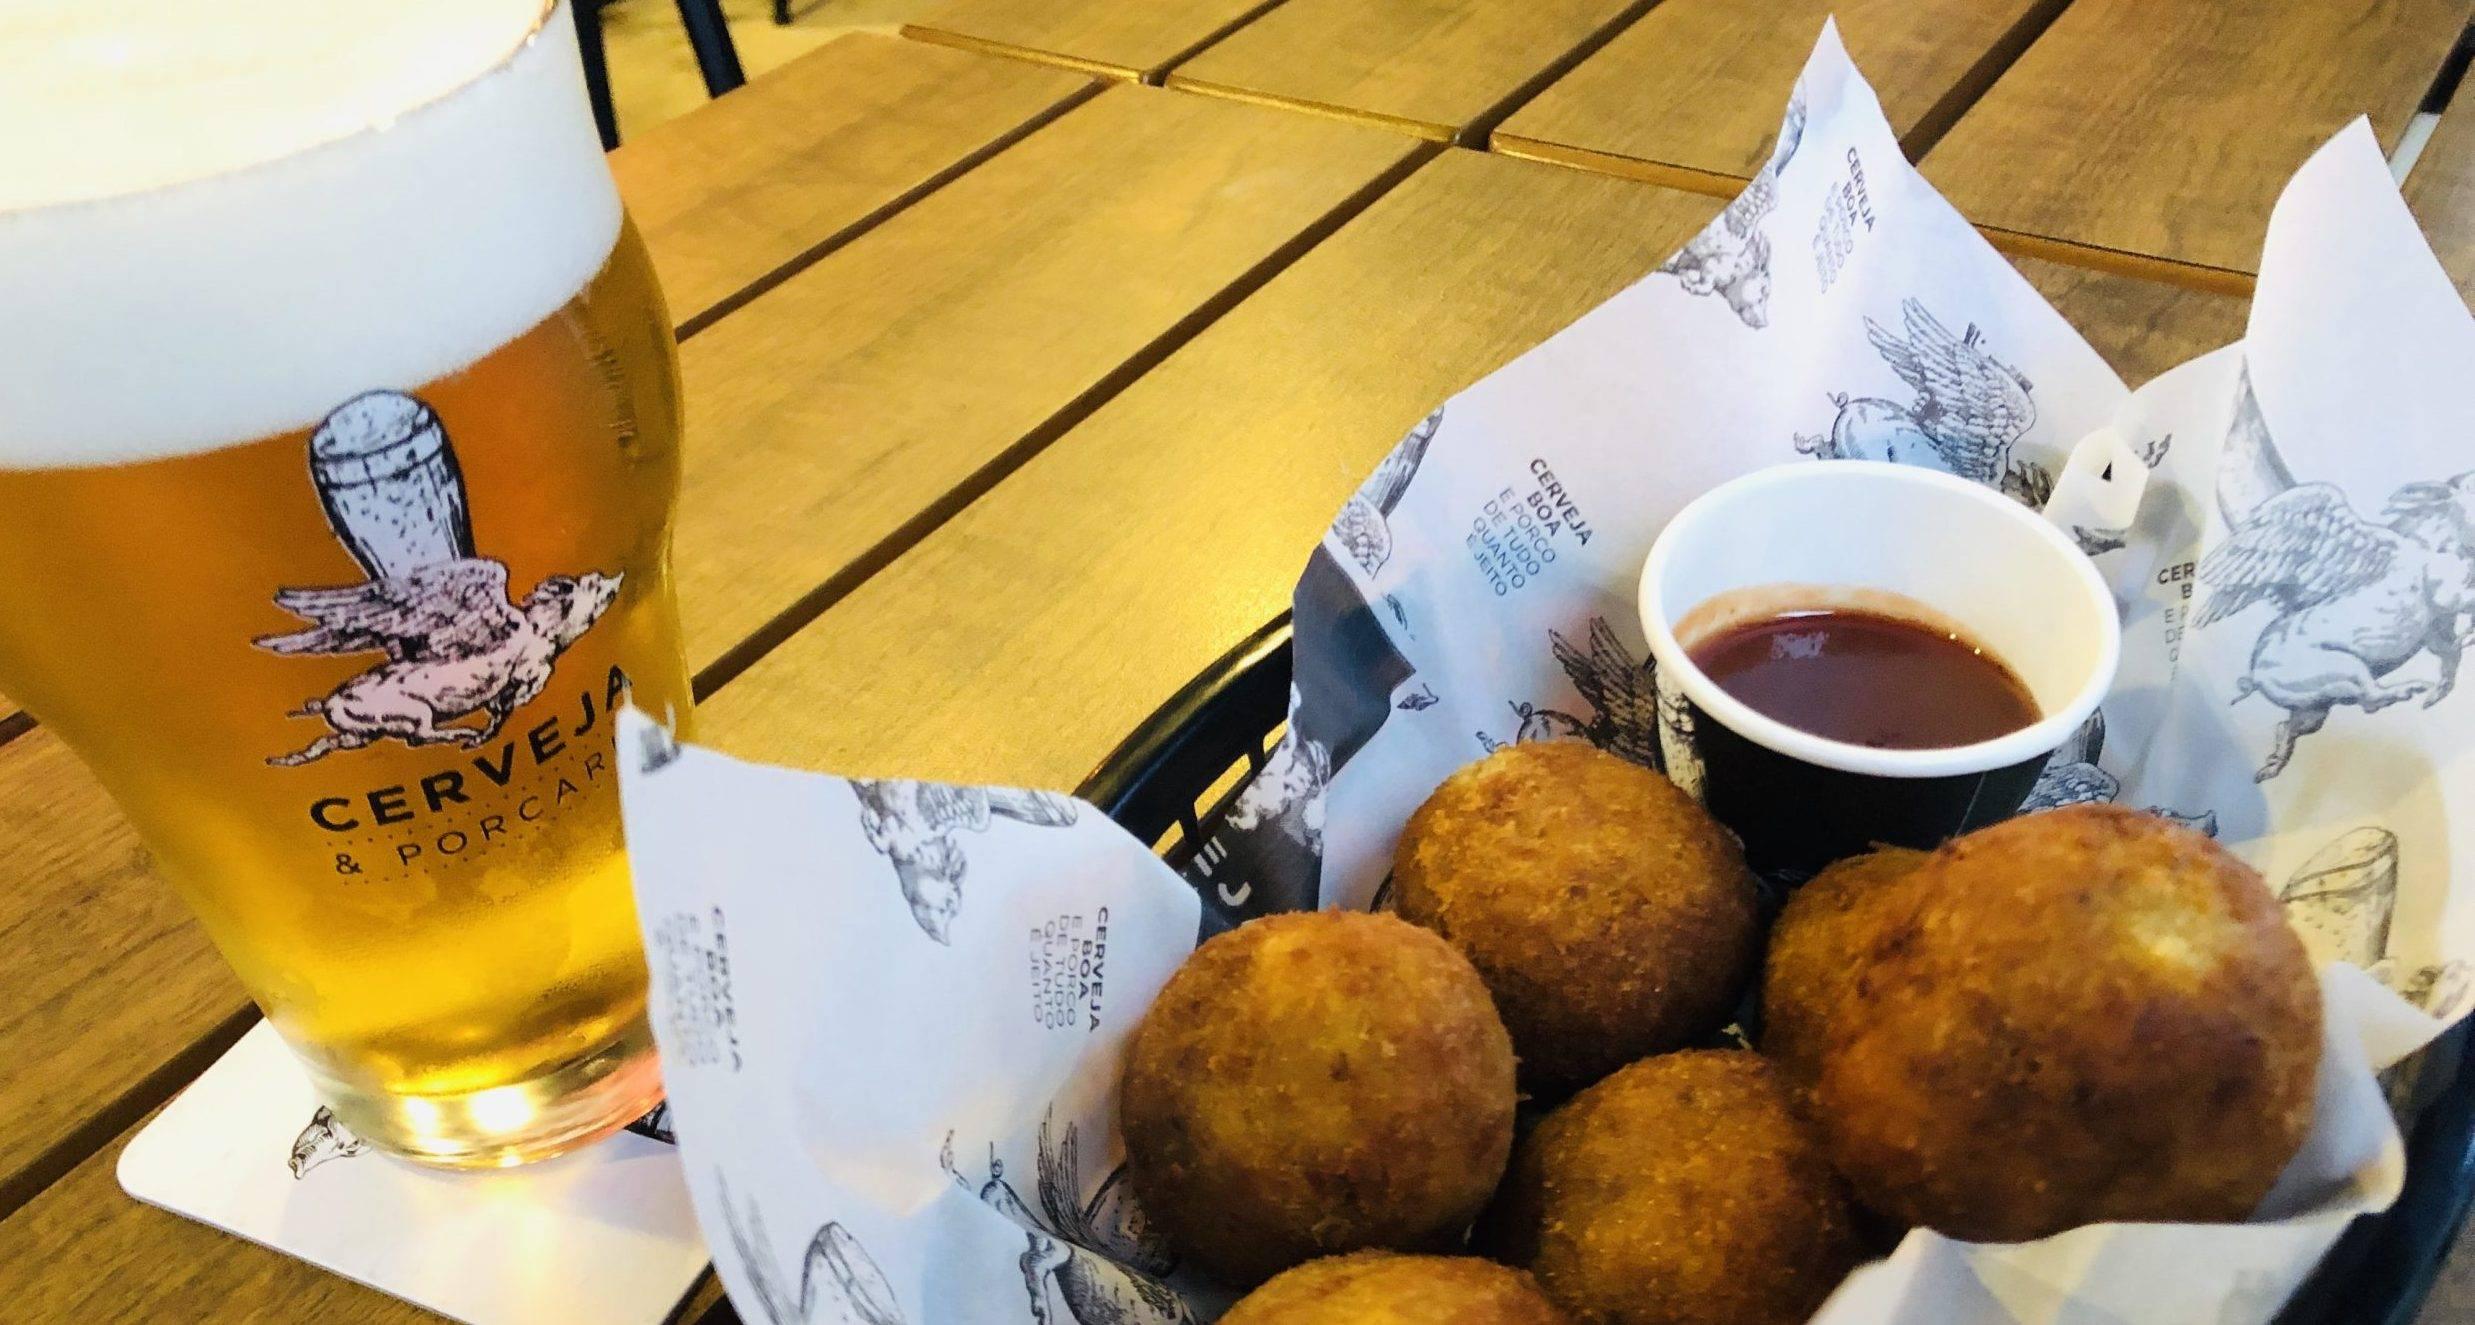 www.juicysantos.com.br - cerveja e porcaria bar novo em santos